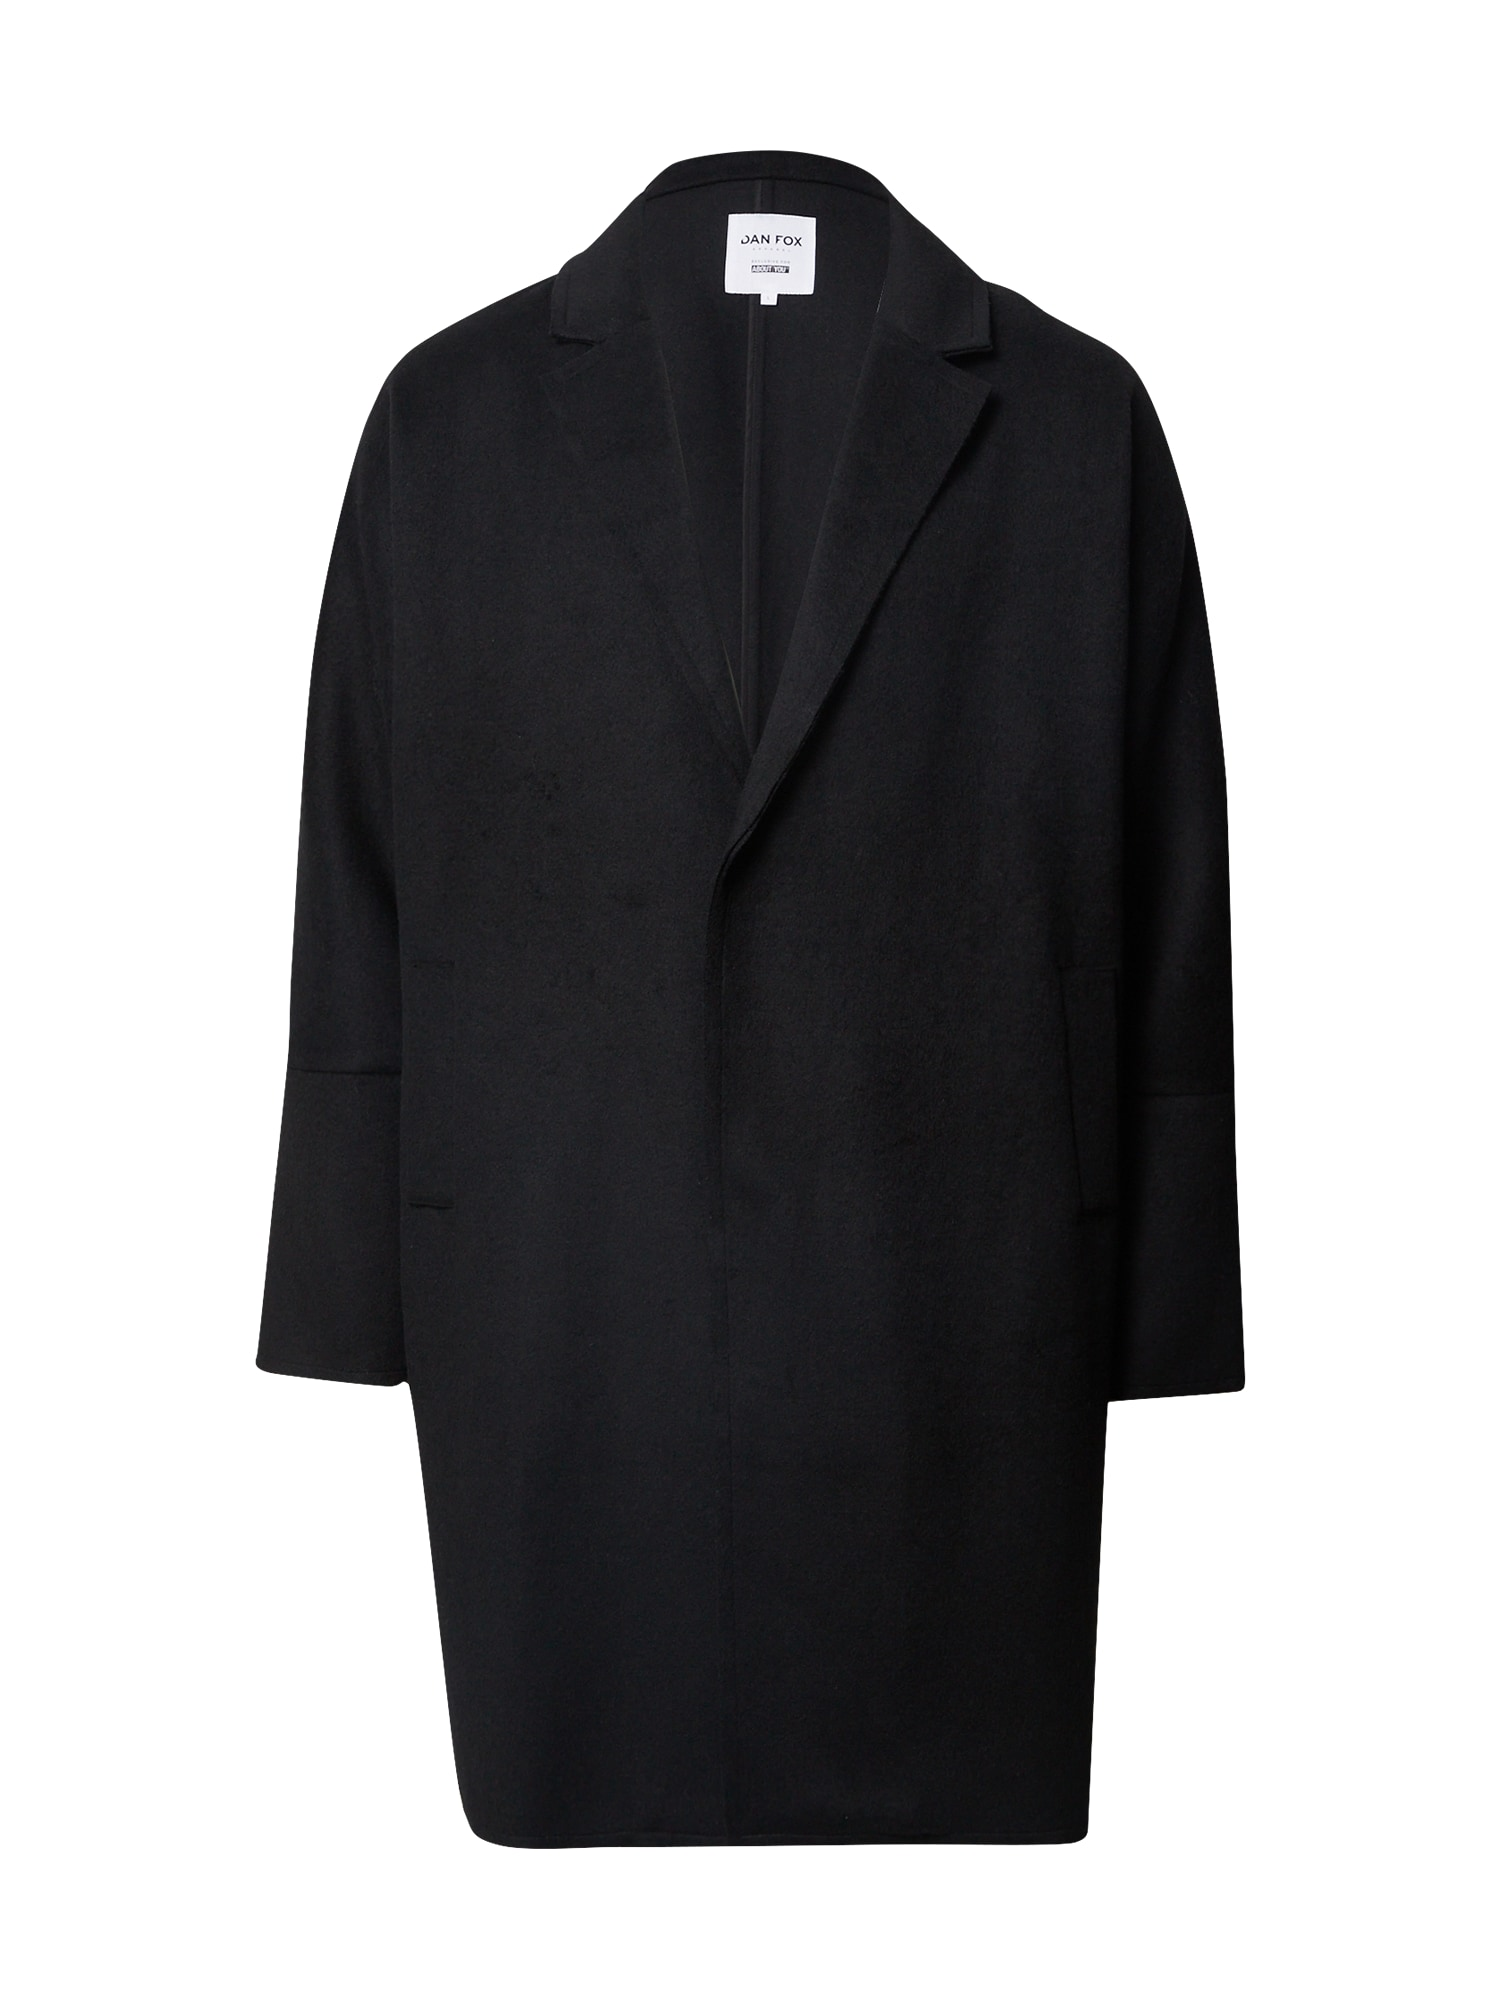 DAN FOX APPAREL Demisezoninis paltas